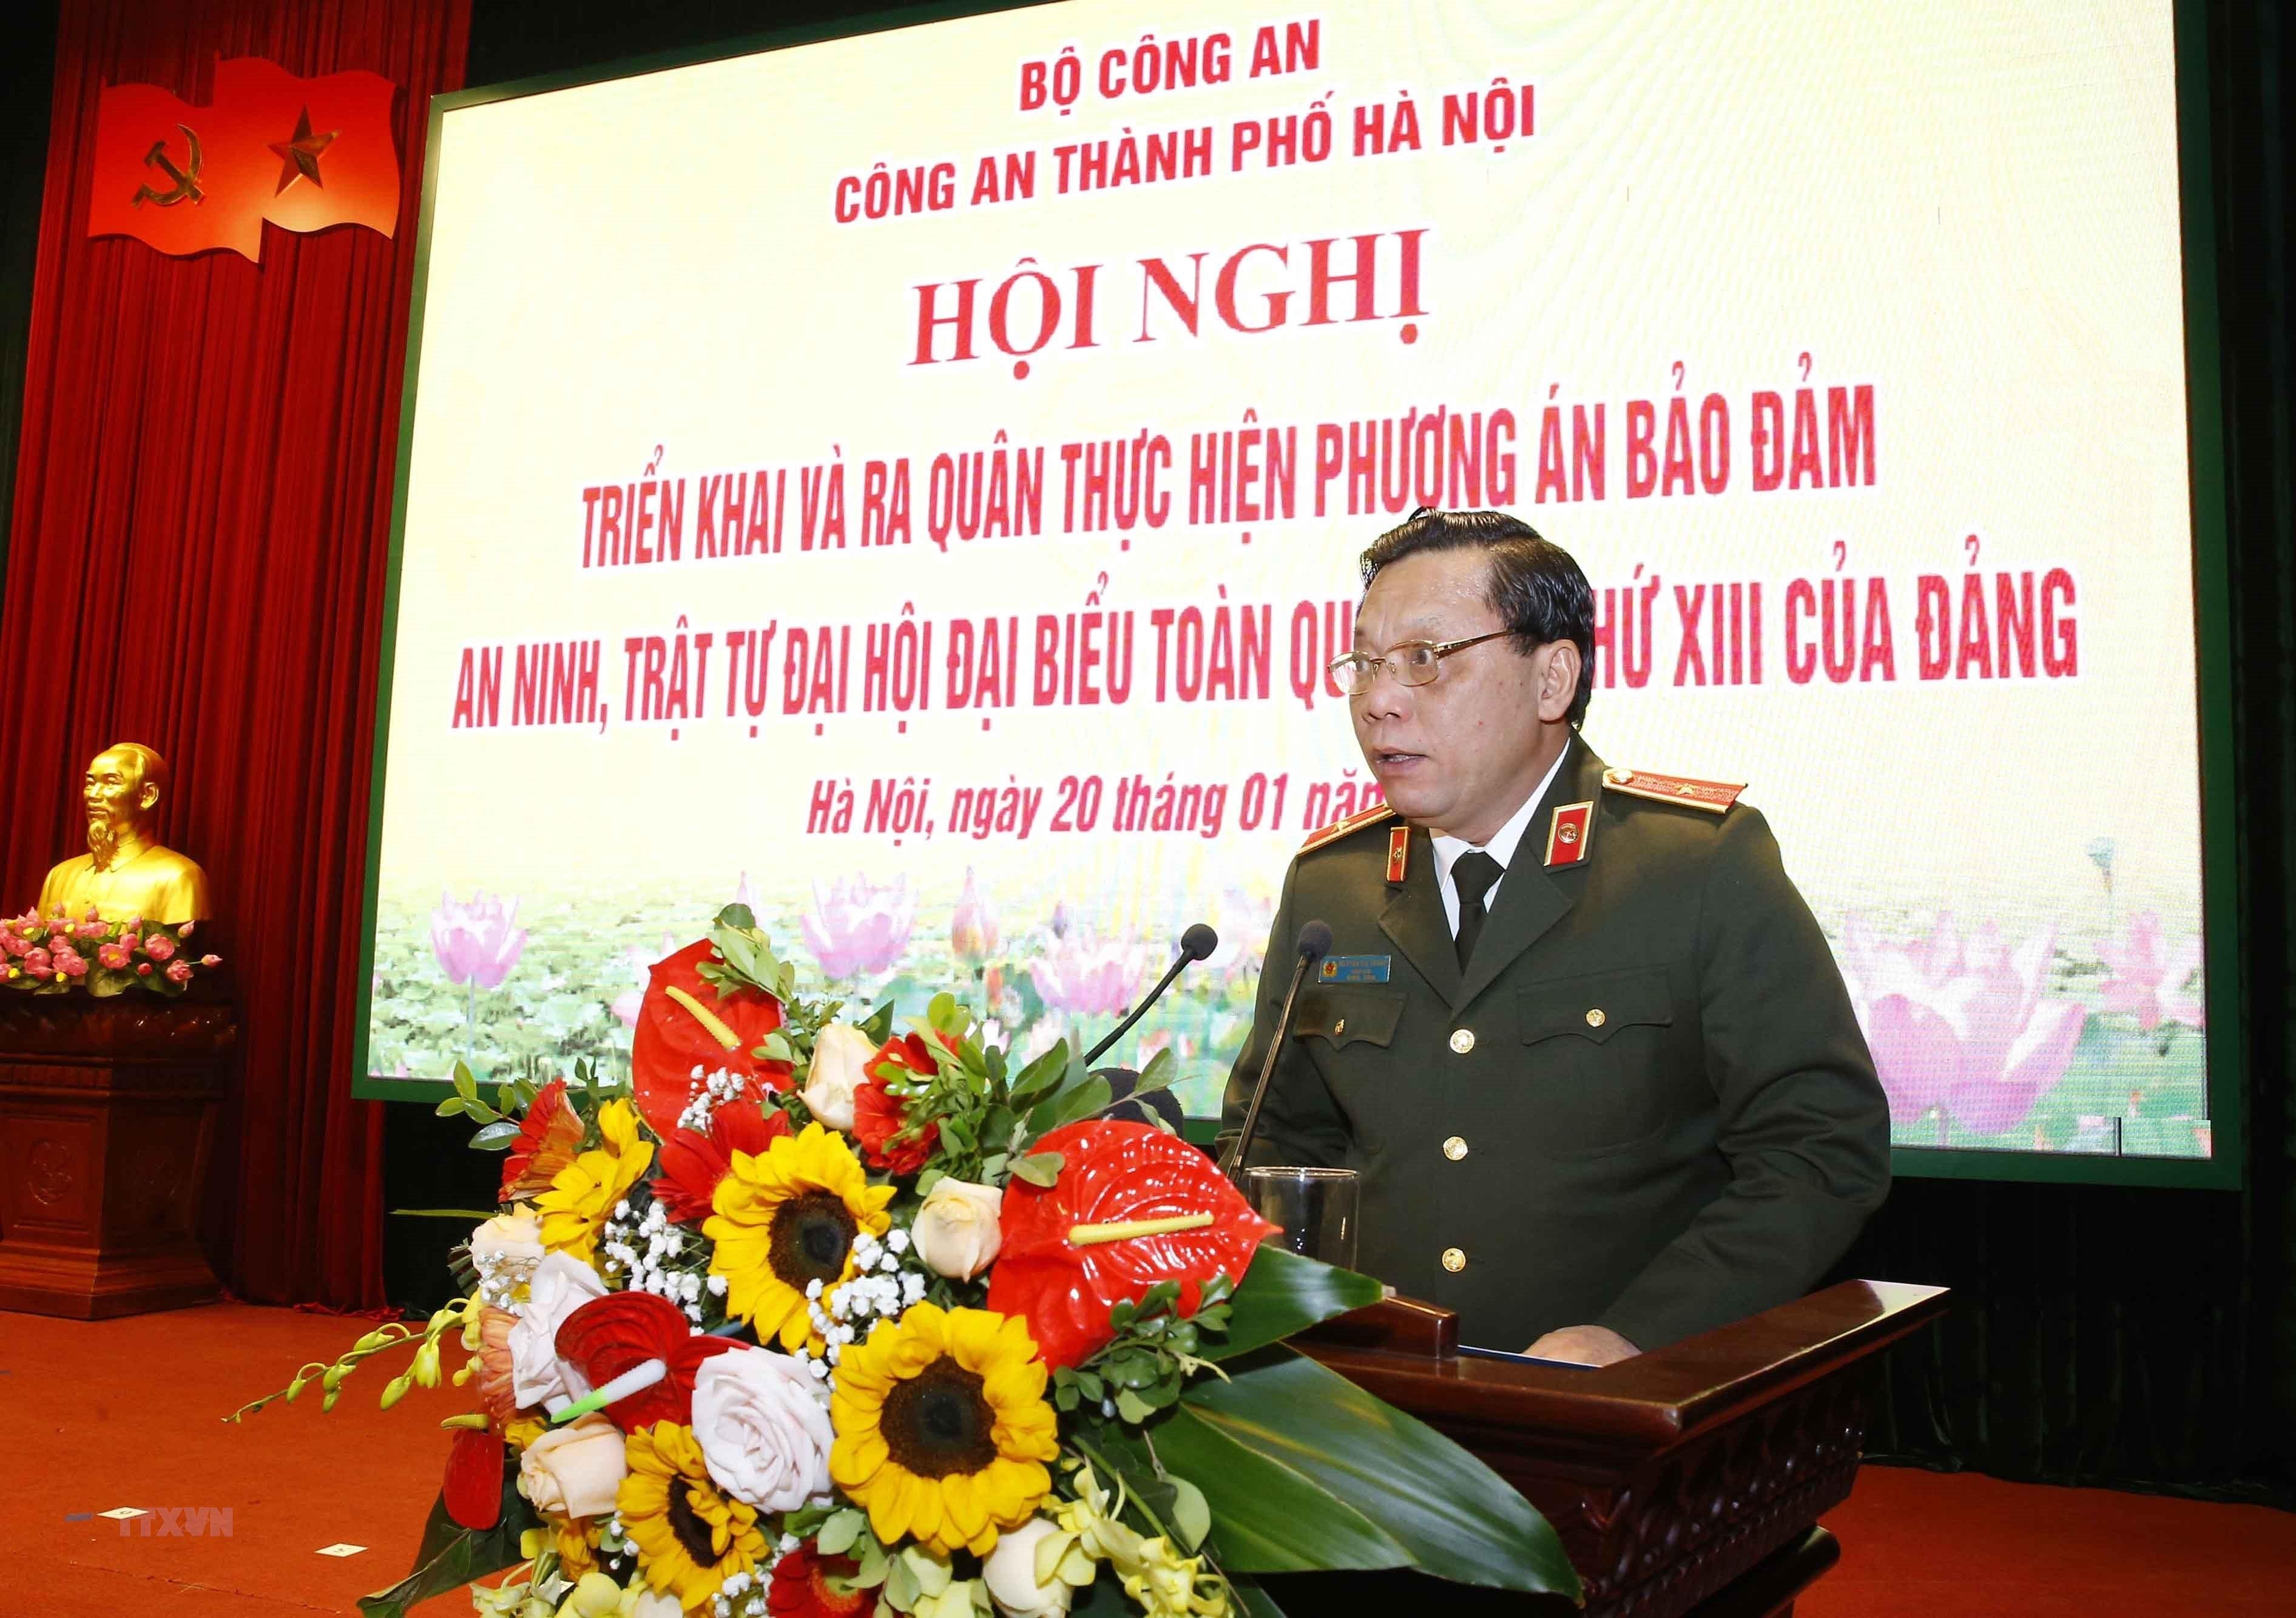 Ha Noi trien khai phuong an bao dam an ninh, trat tu Dai hoi XIII hinh anh 7